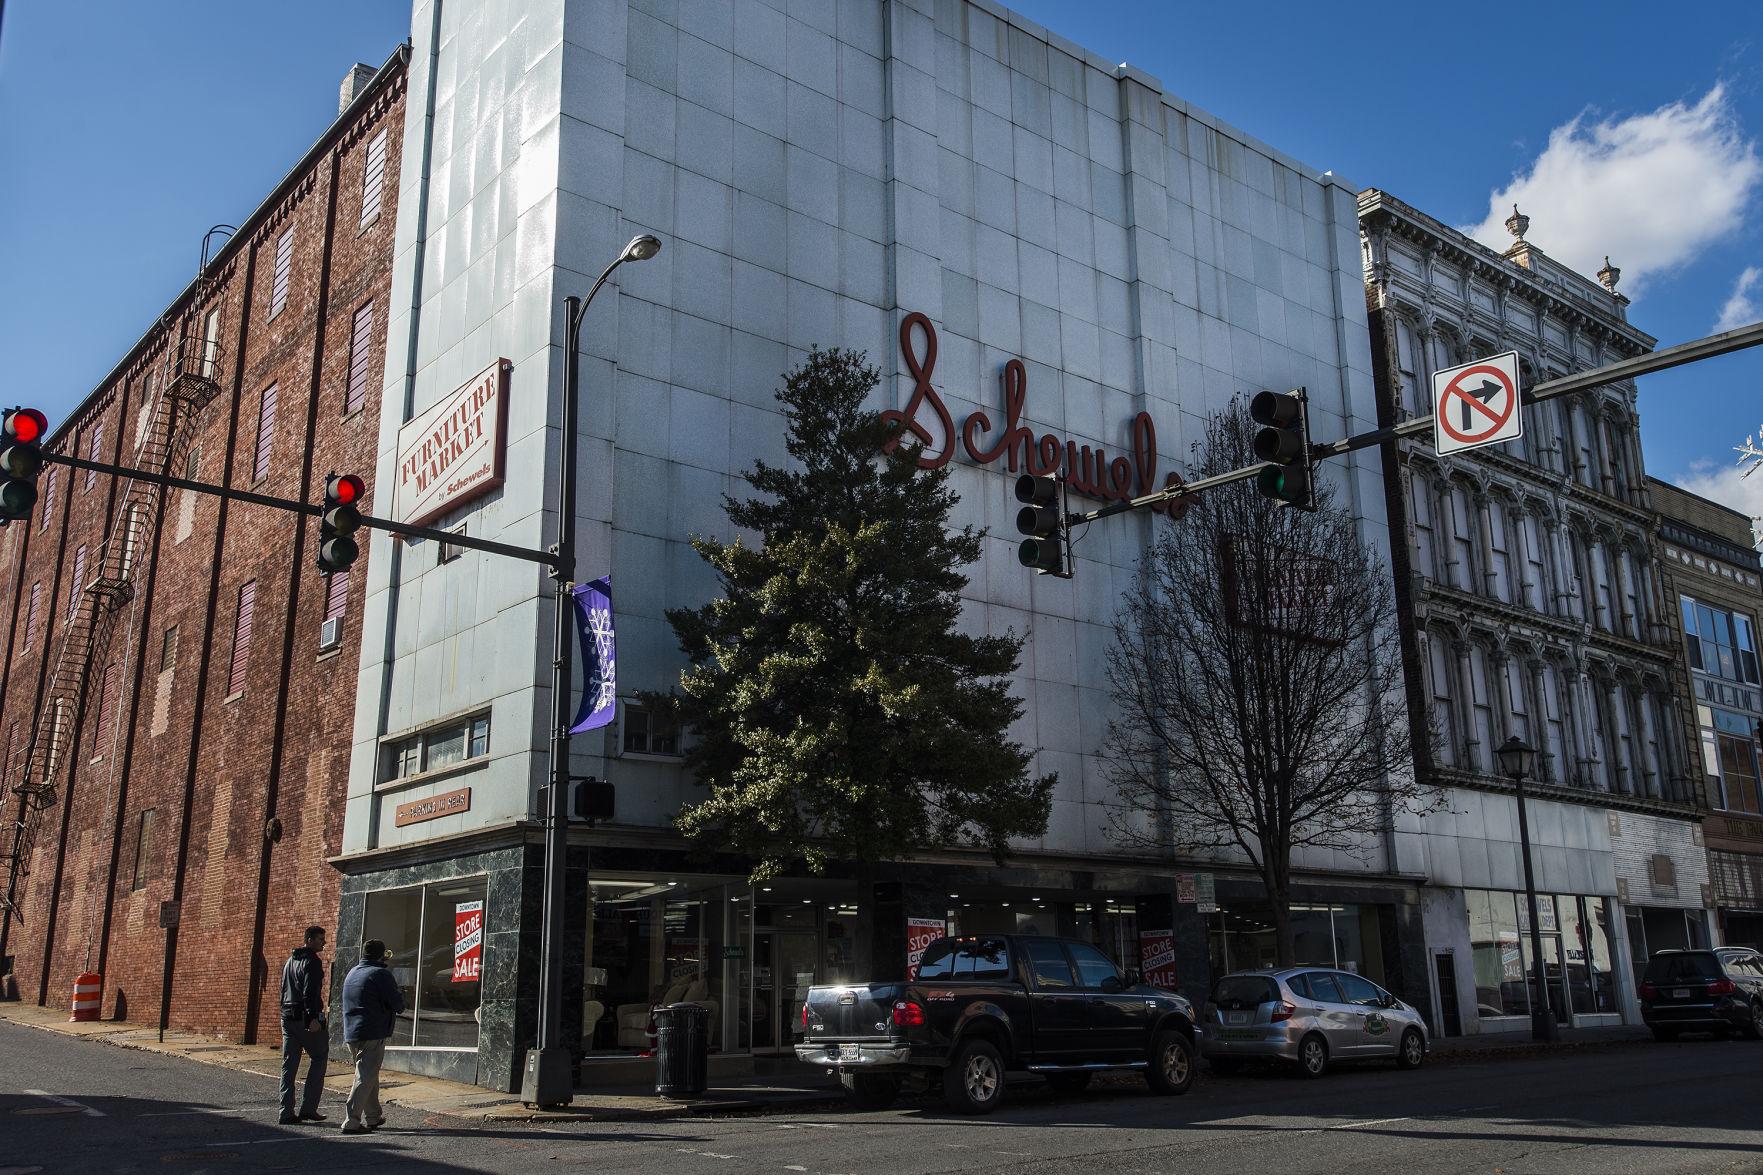 Photos: Schewels Furniture Downtown Store Closing | Business |  Newsadvance.com